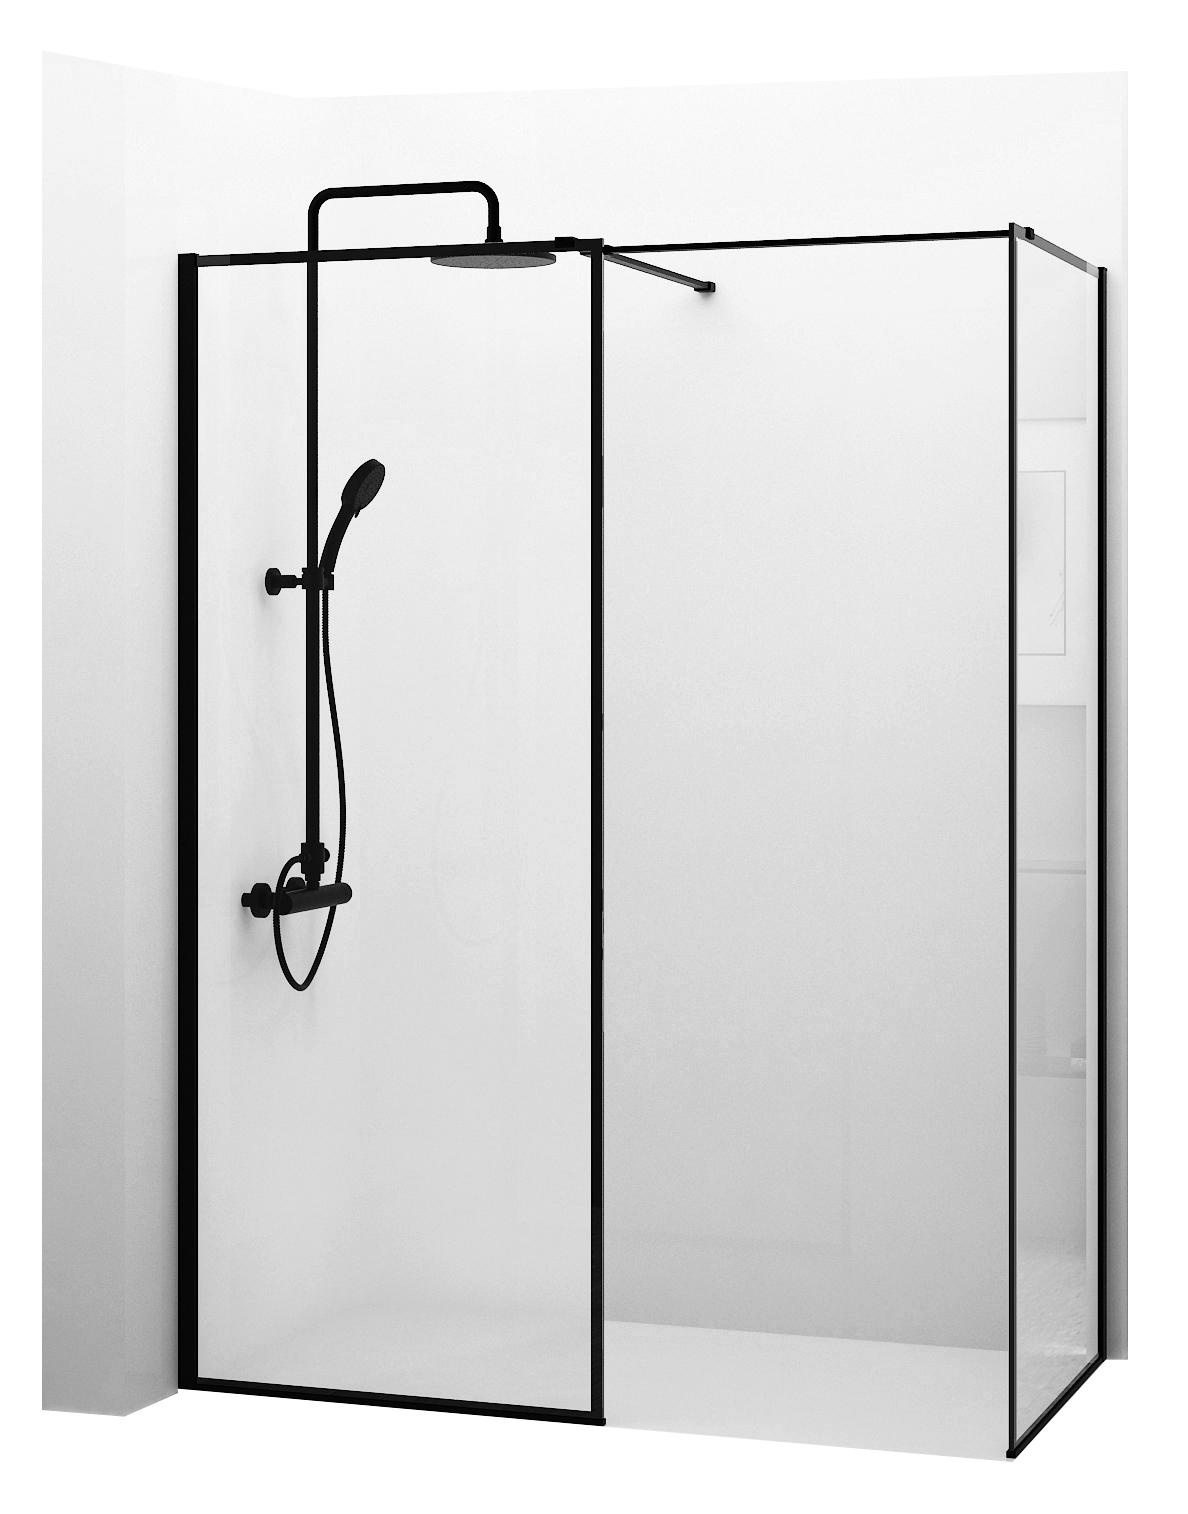 Kabina sprchová Bler 70-90 cm - Kabina Bler 1: 90x90